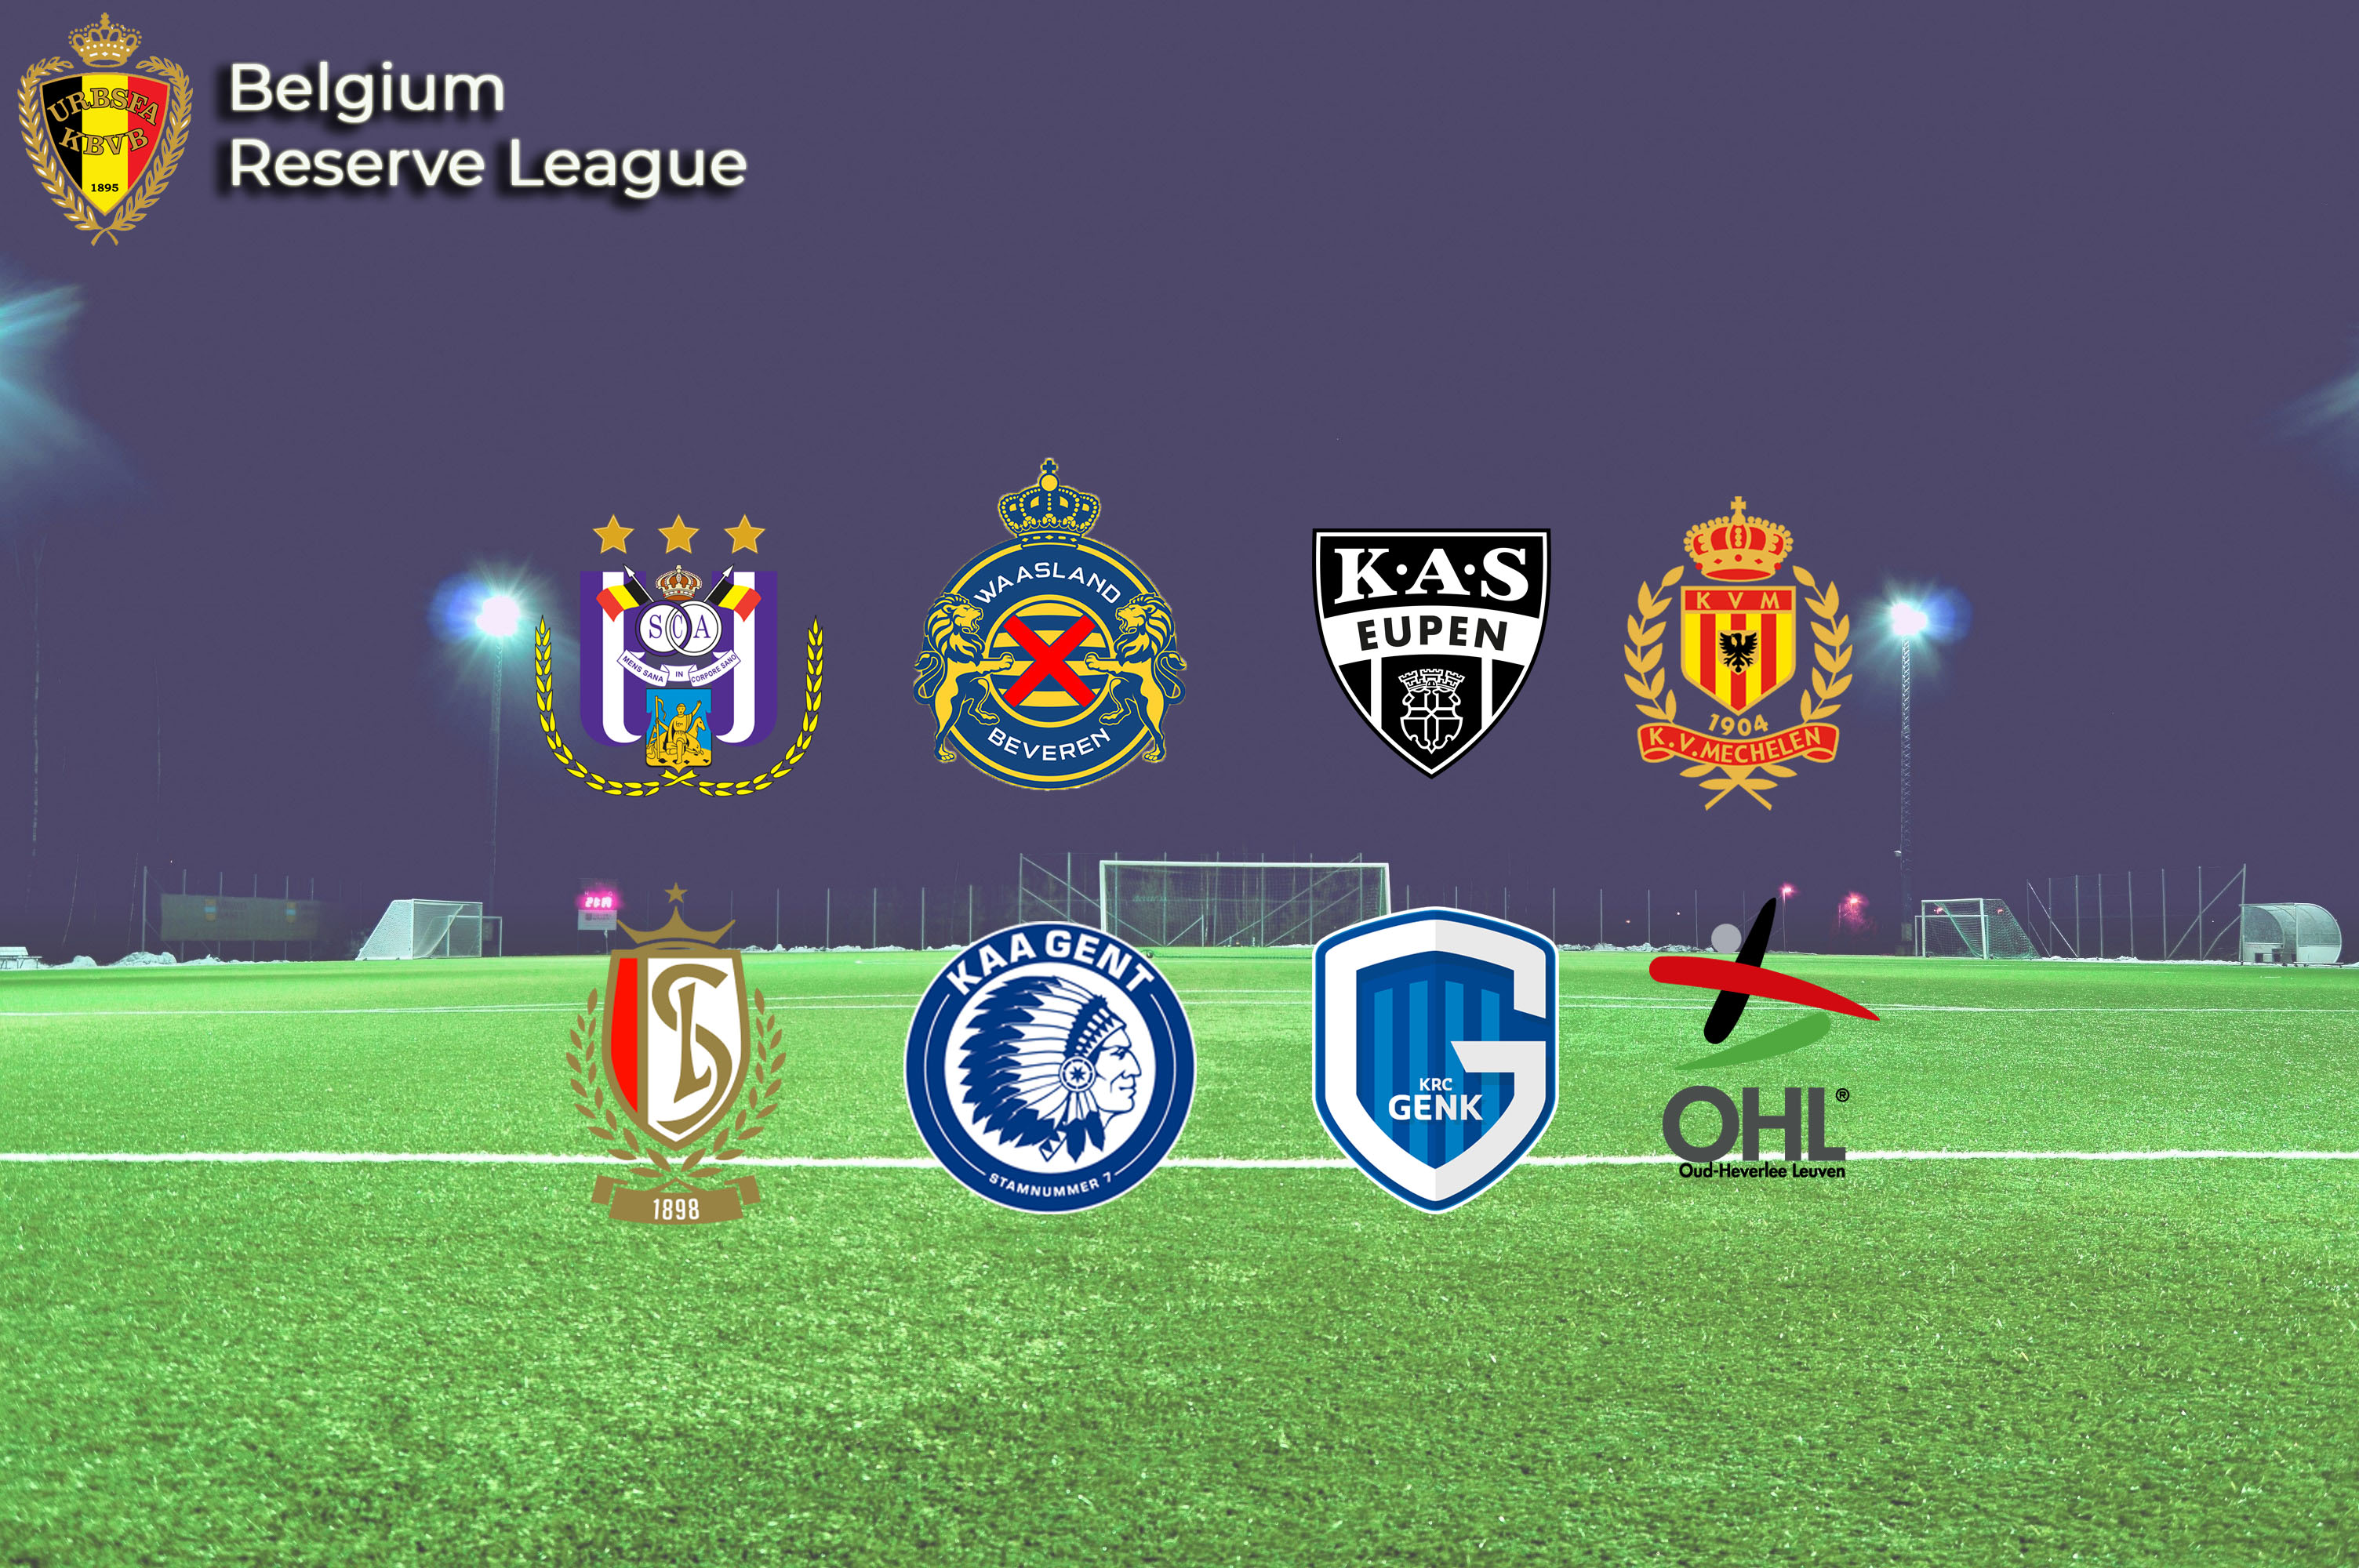 Belgium Reserve League participants